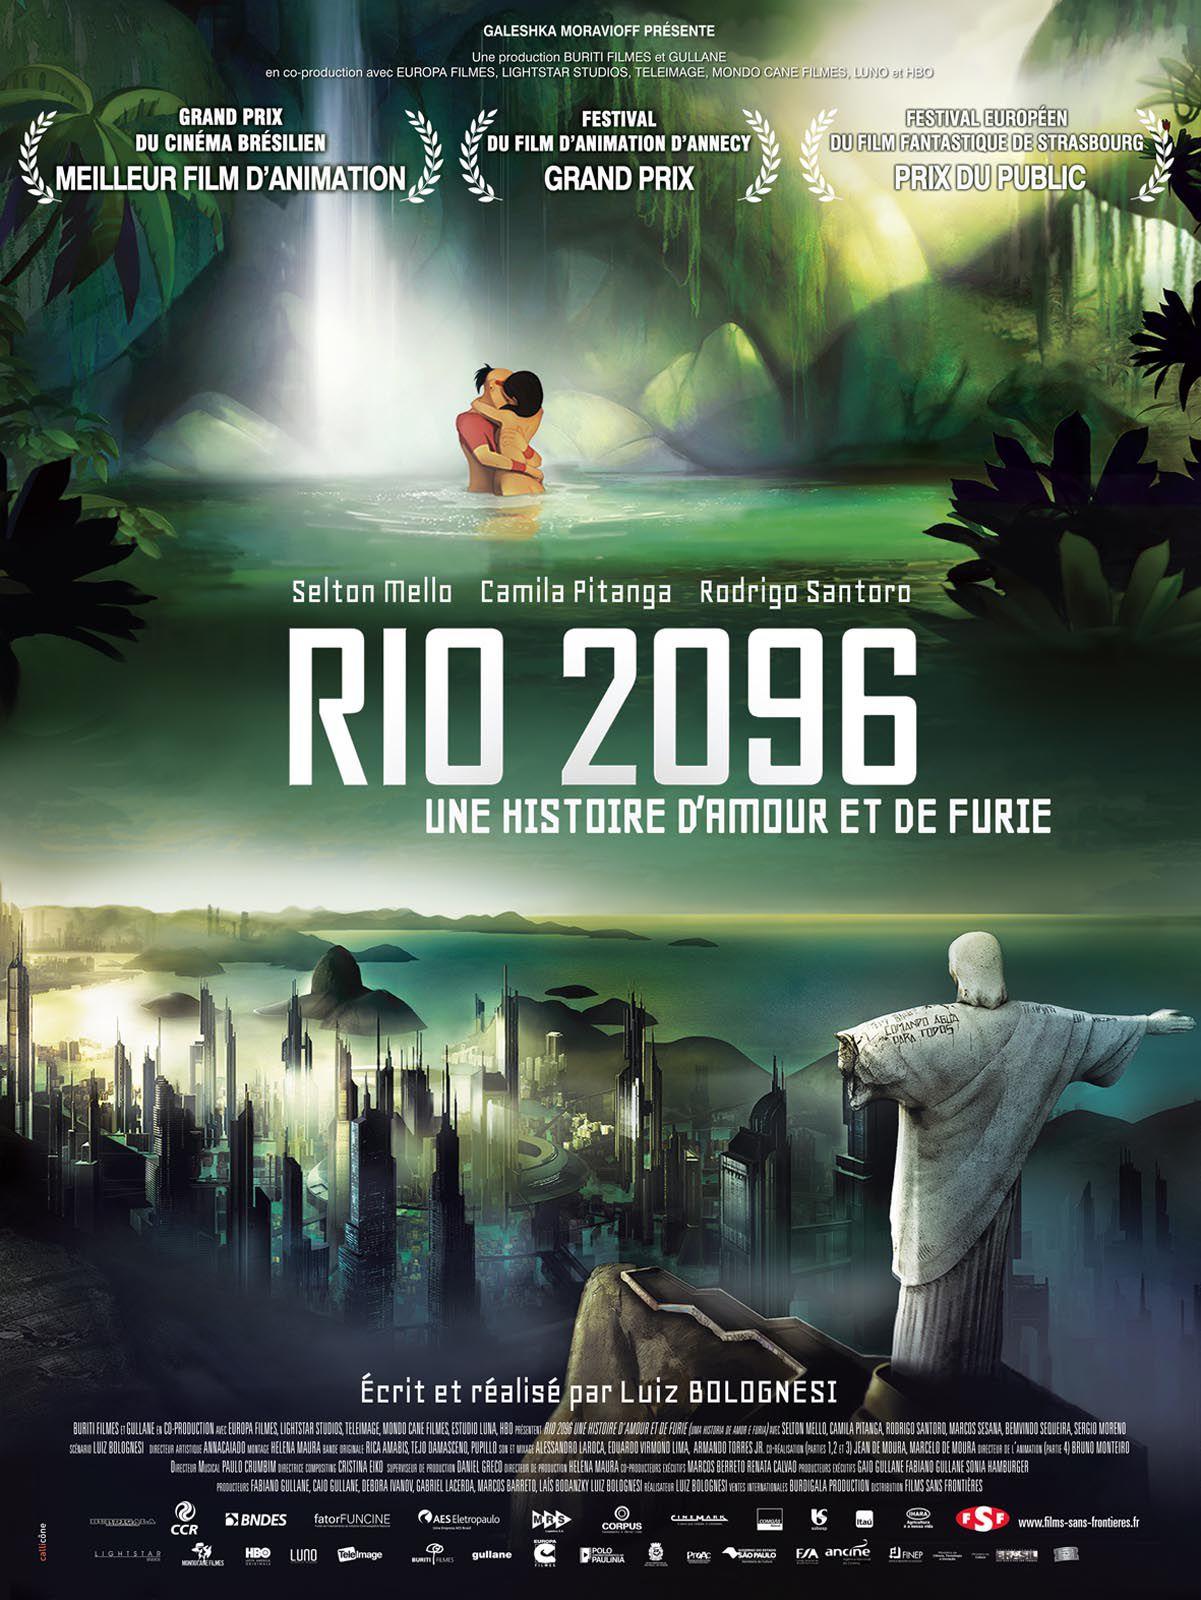 Rio 2096 : Une histoire d'amour et de furie - Long-métrage d'animation (2013)